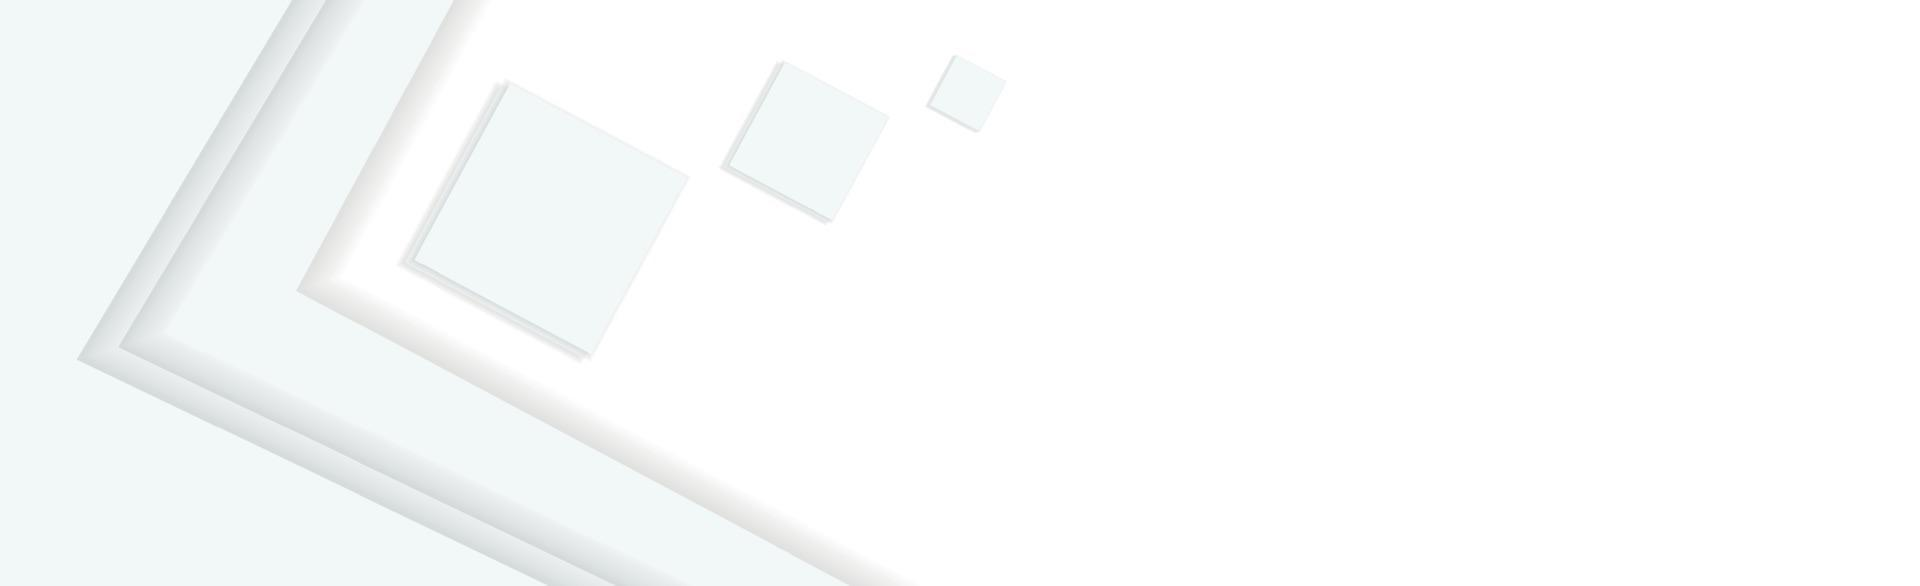 vit vektor panorama bakgrund med linjer och rutor